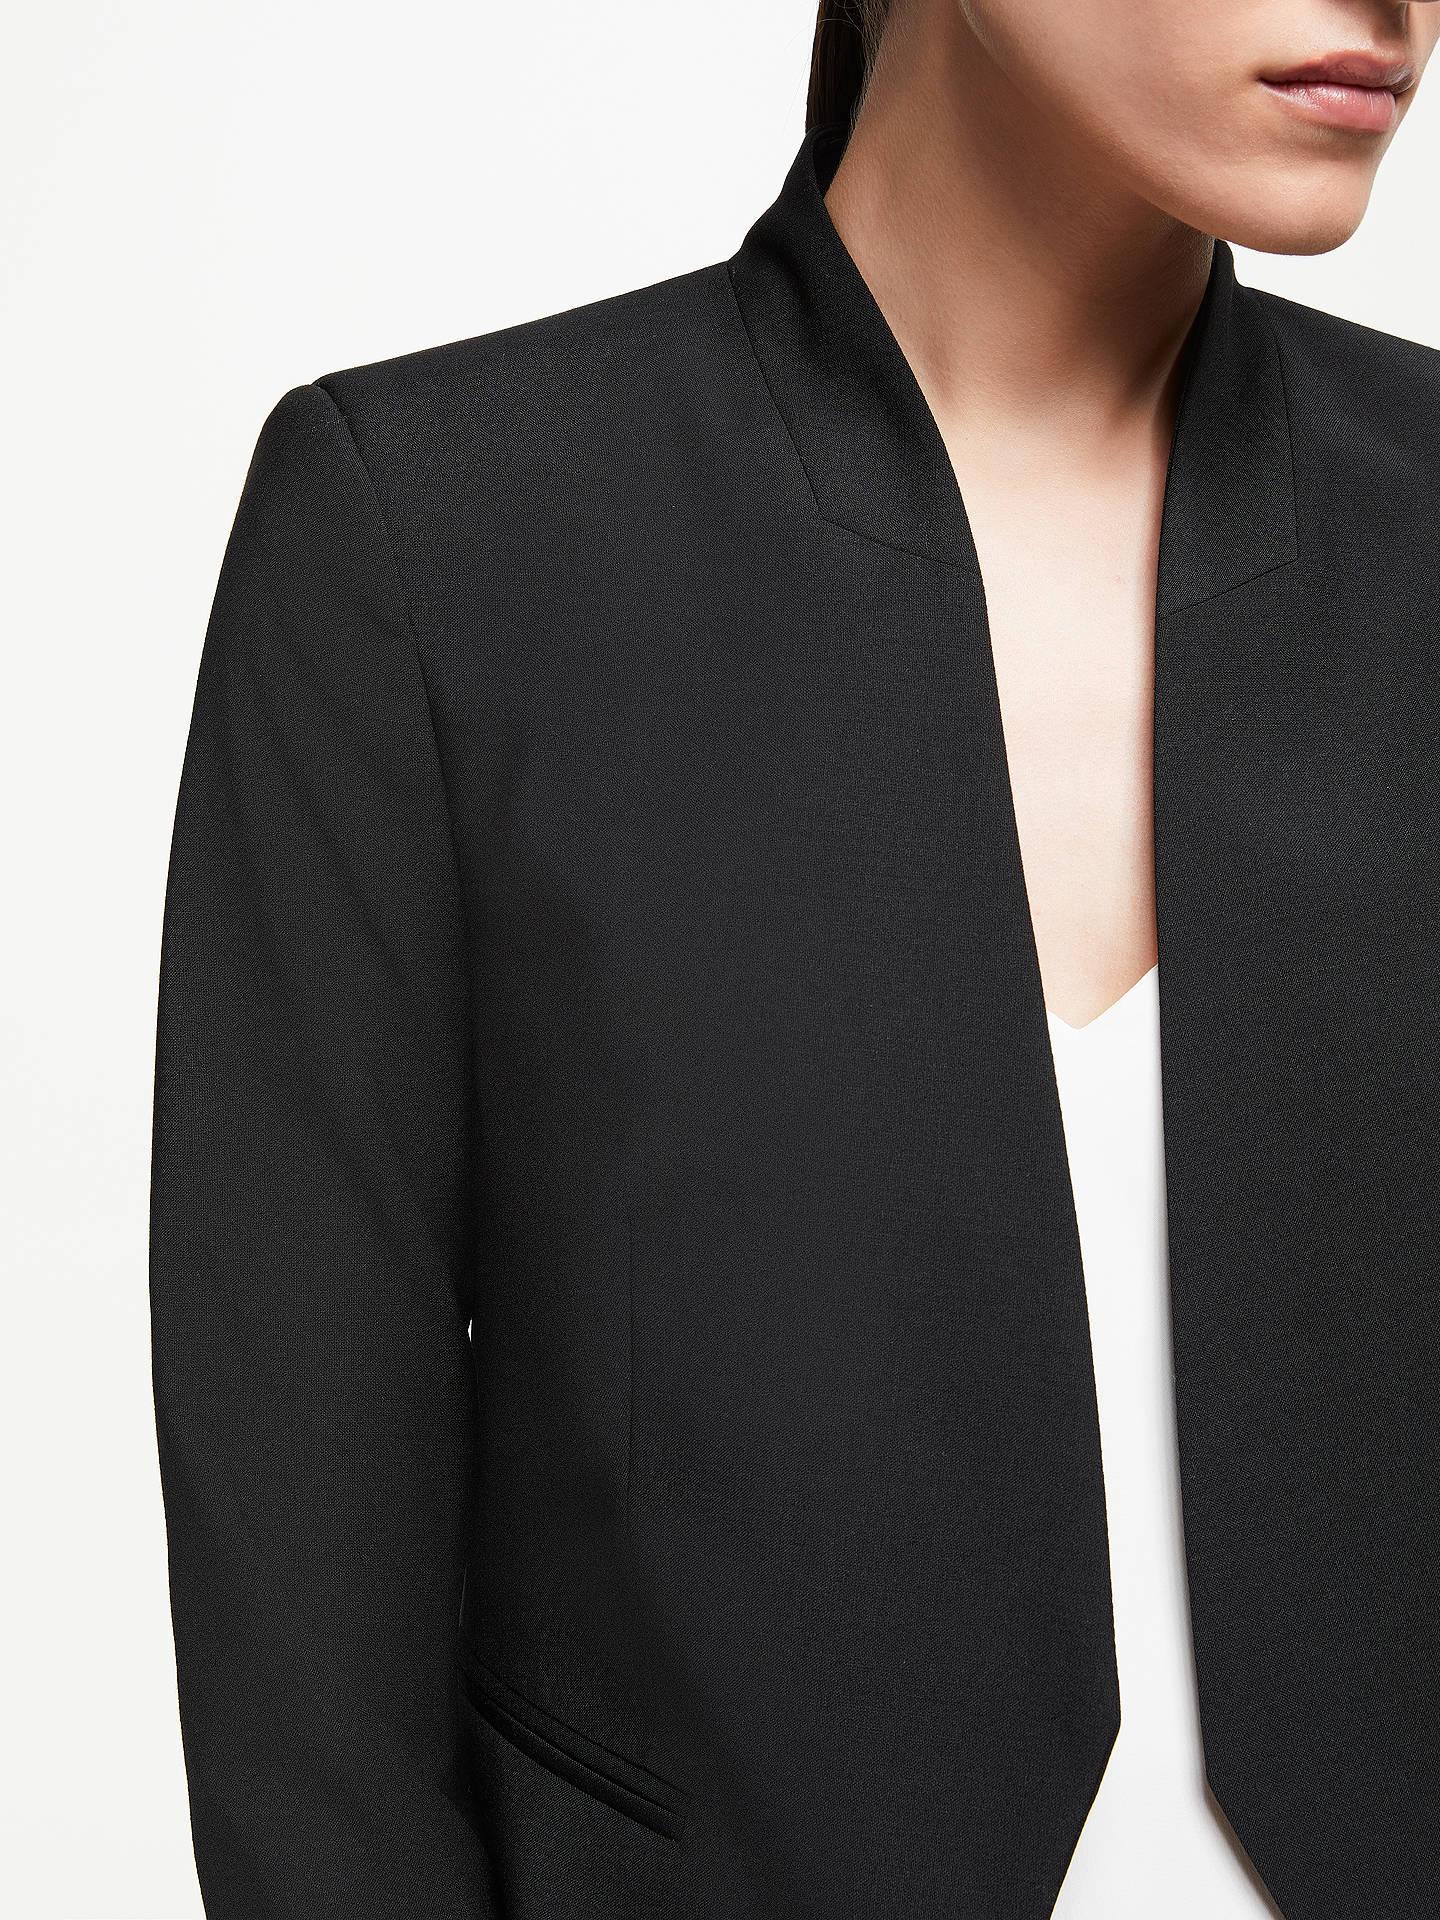 577319fe ... Buy John Lewis & Partners Collarless Short Tailored Jacket, Black, 8  Online at johnlewis ...